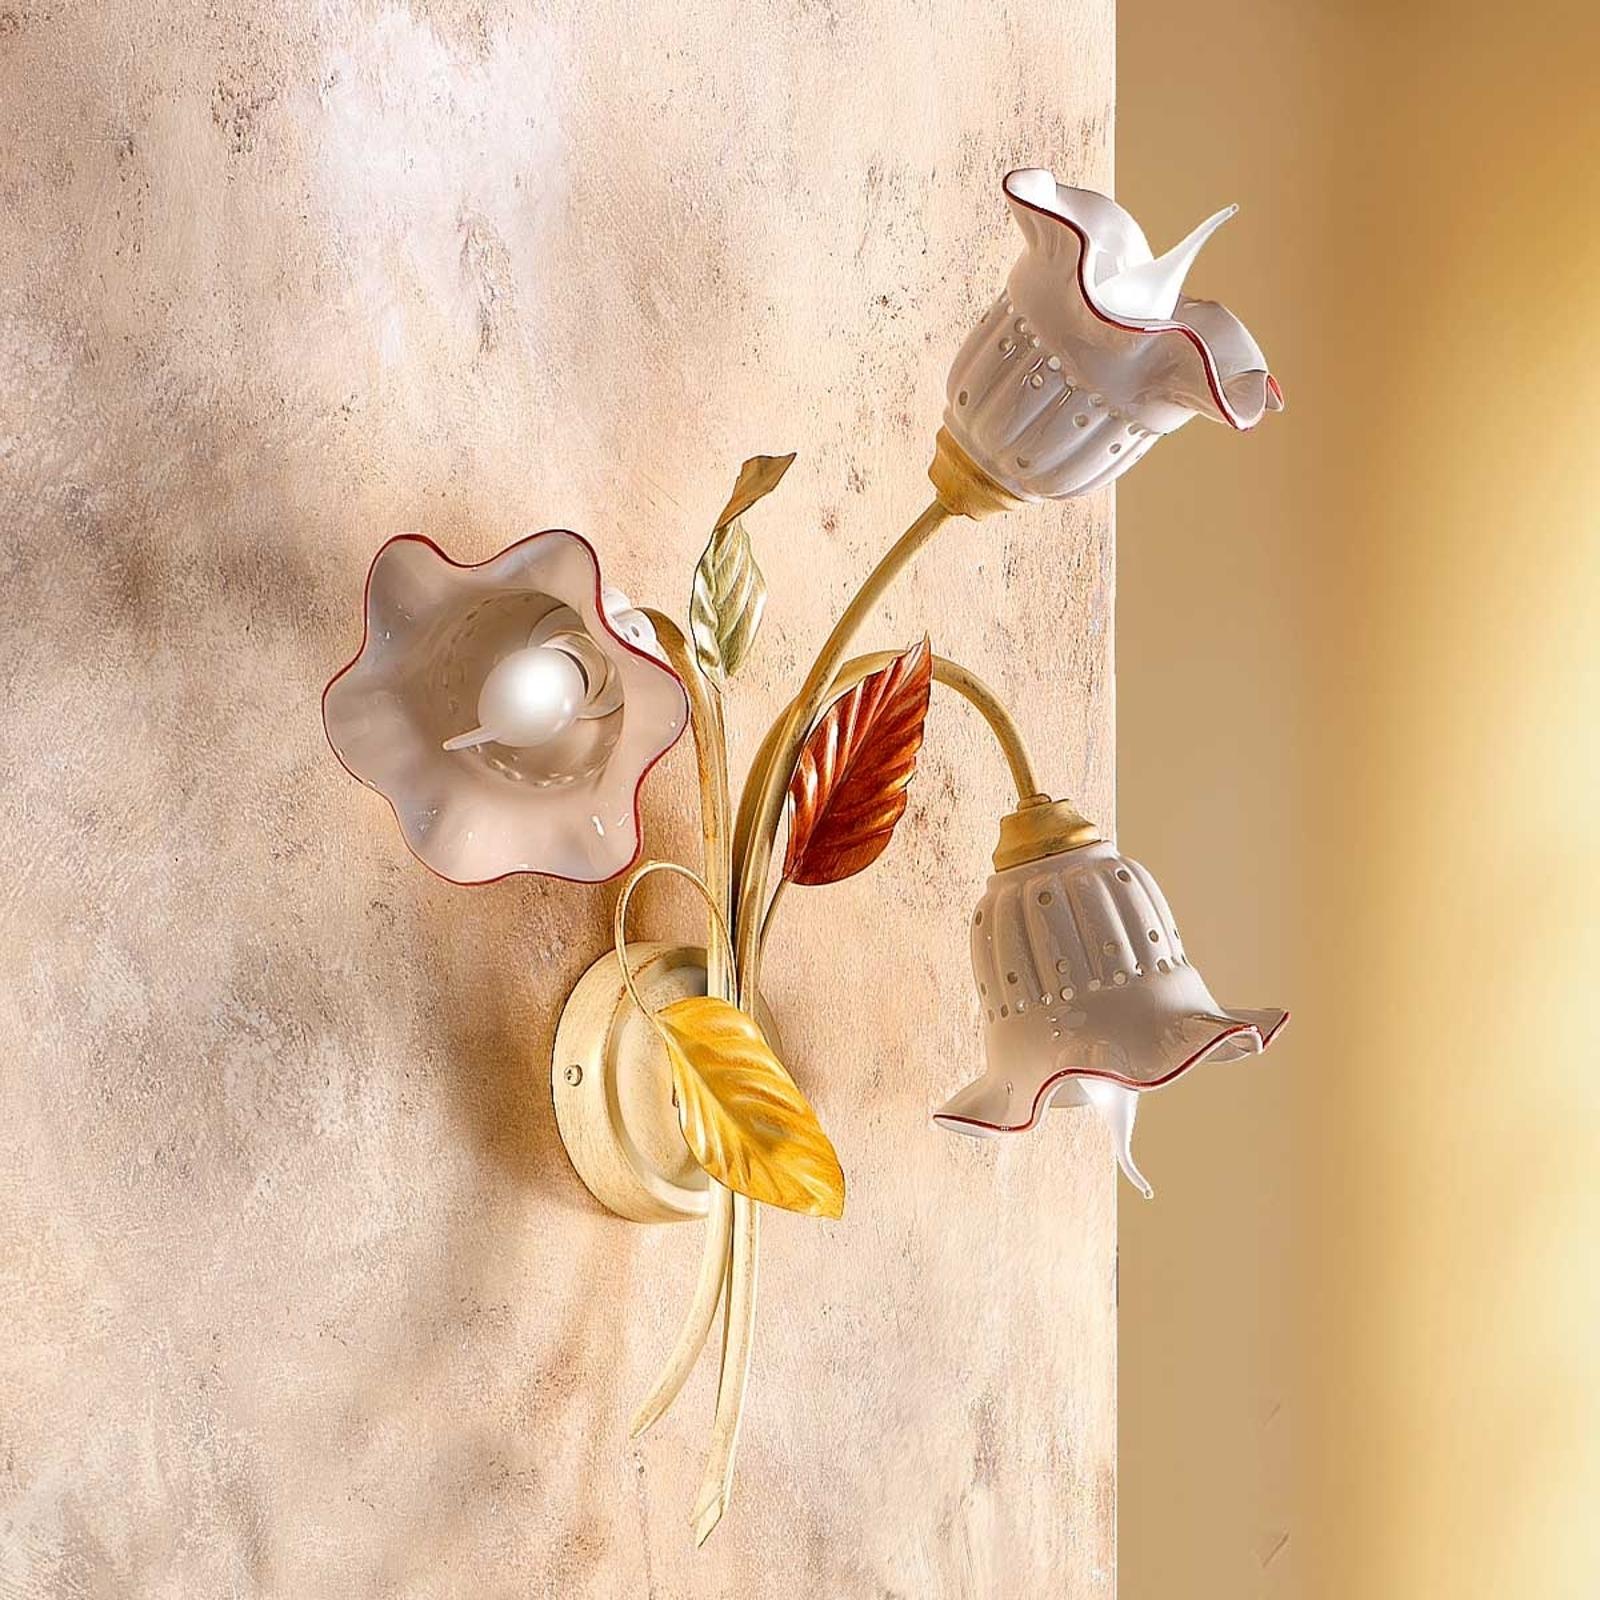 Nástenné svietidlo Flora vo florentínskom štýle_2013073_1